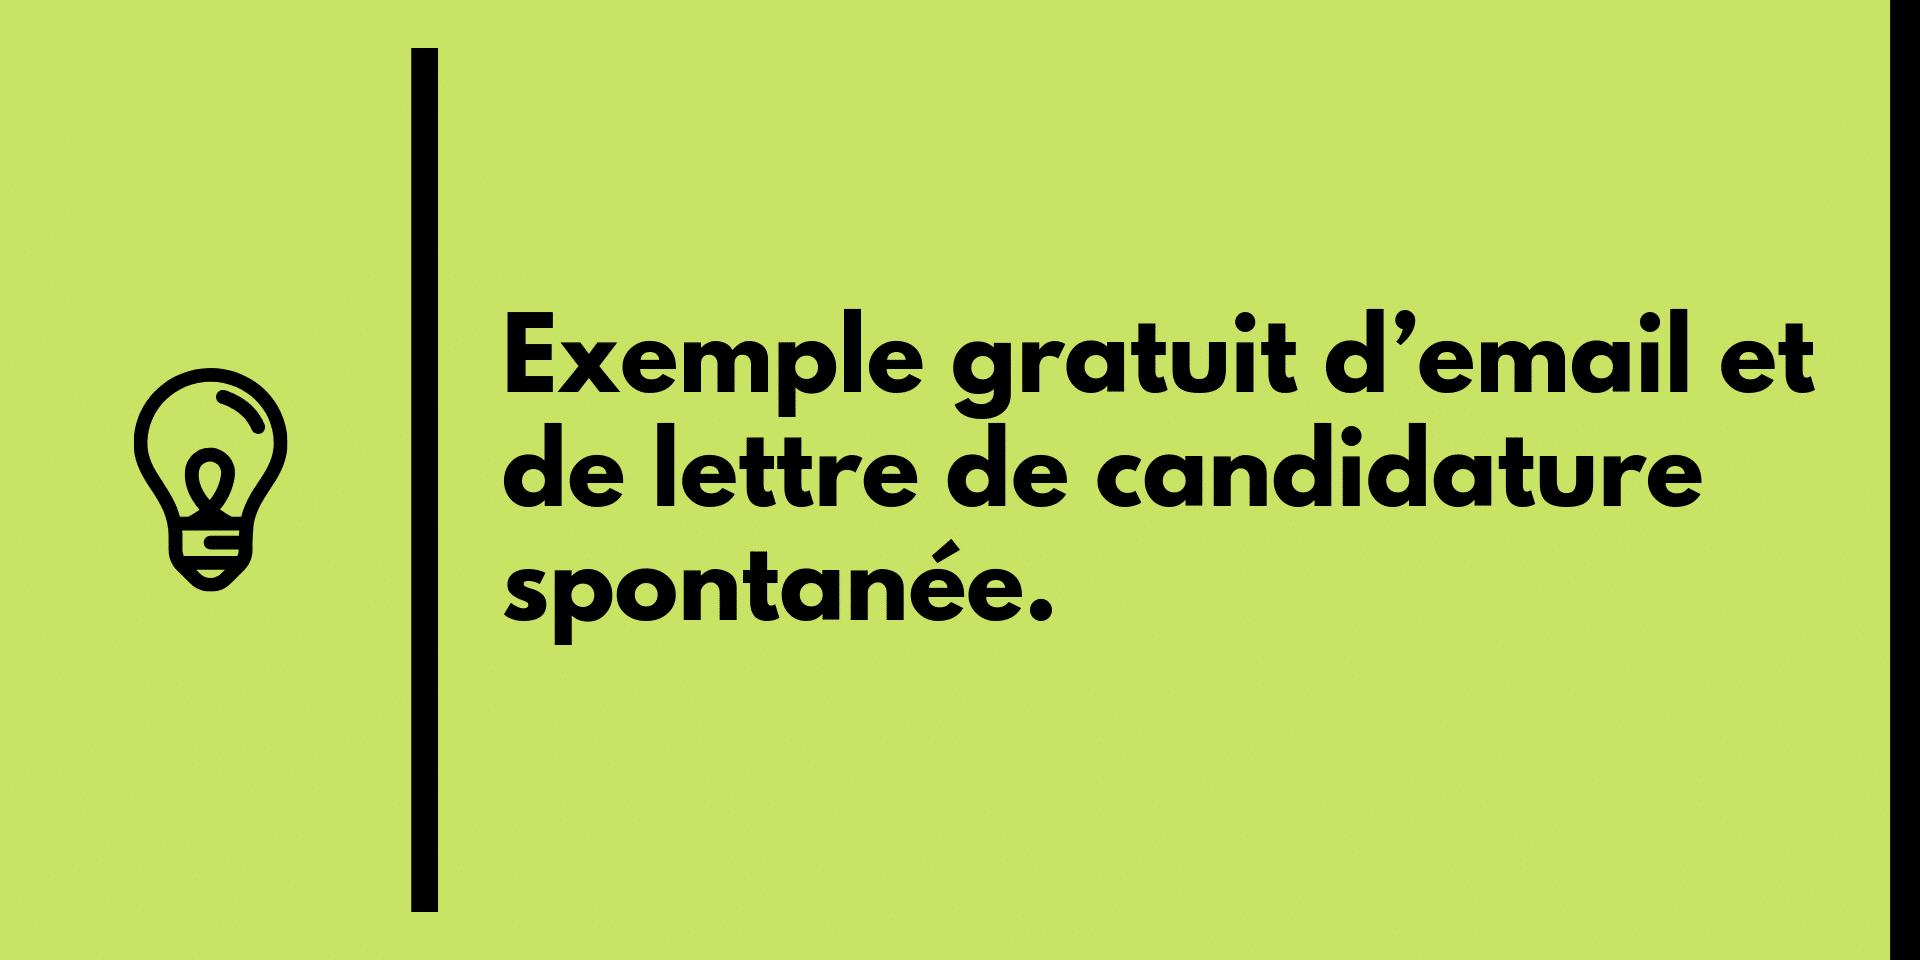 Exemple Gratuit D Email Et De Lettre De Candidature Spontanee